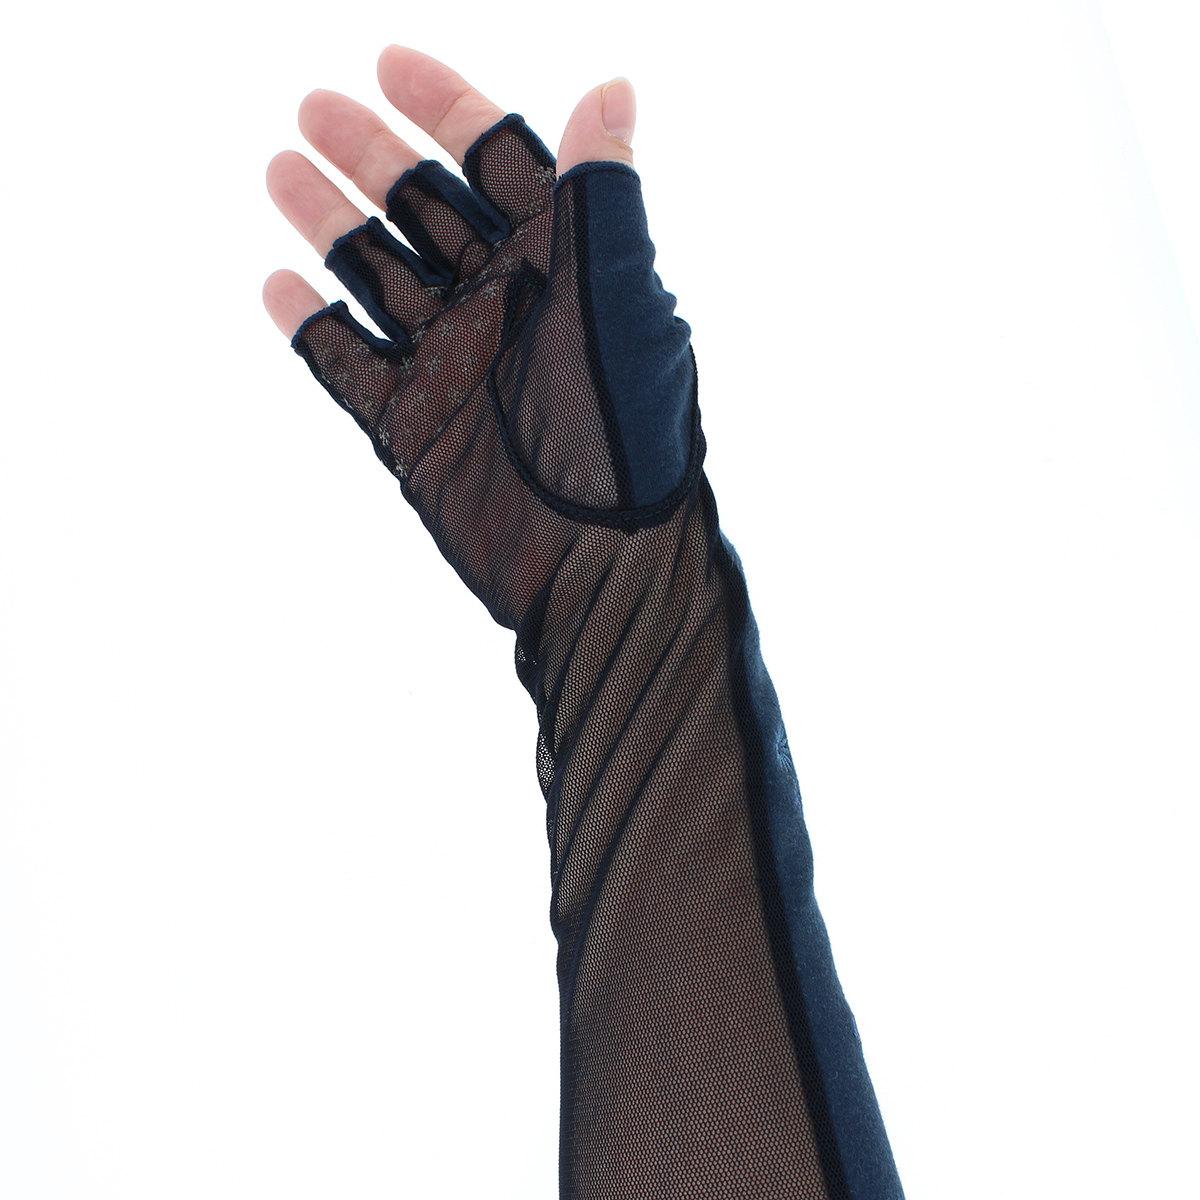 ローラアシュレイ レディース UV手袋 アームカバー セミロング丈 35cm UVカット 綿100% 洗える 掌メッシュ素材 指先カット タッチパネル スマホ対応 プレゼント